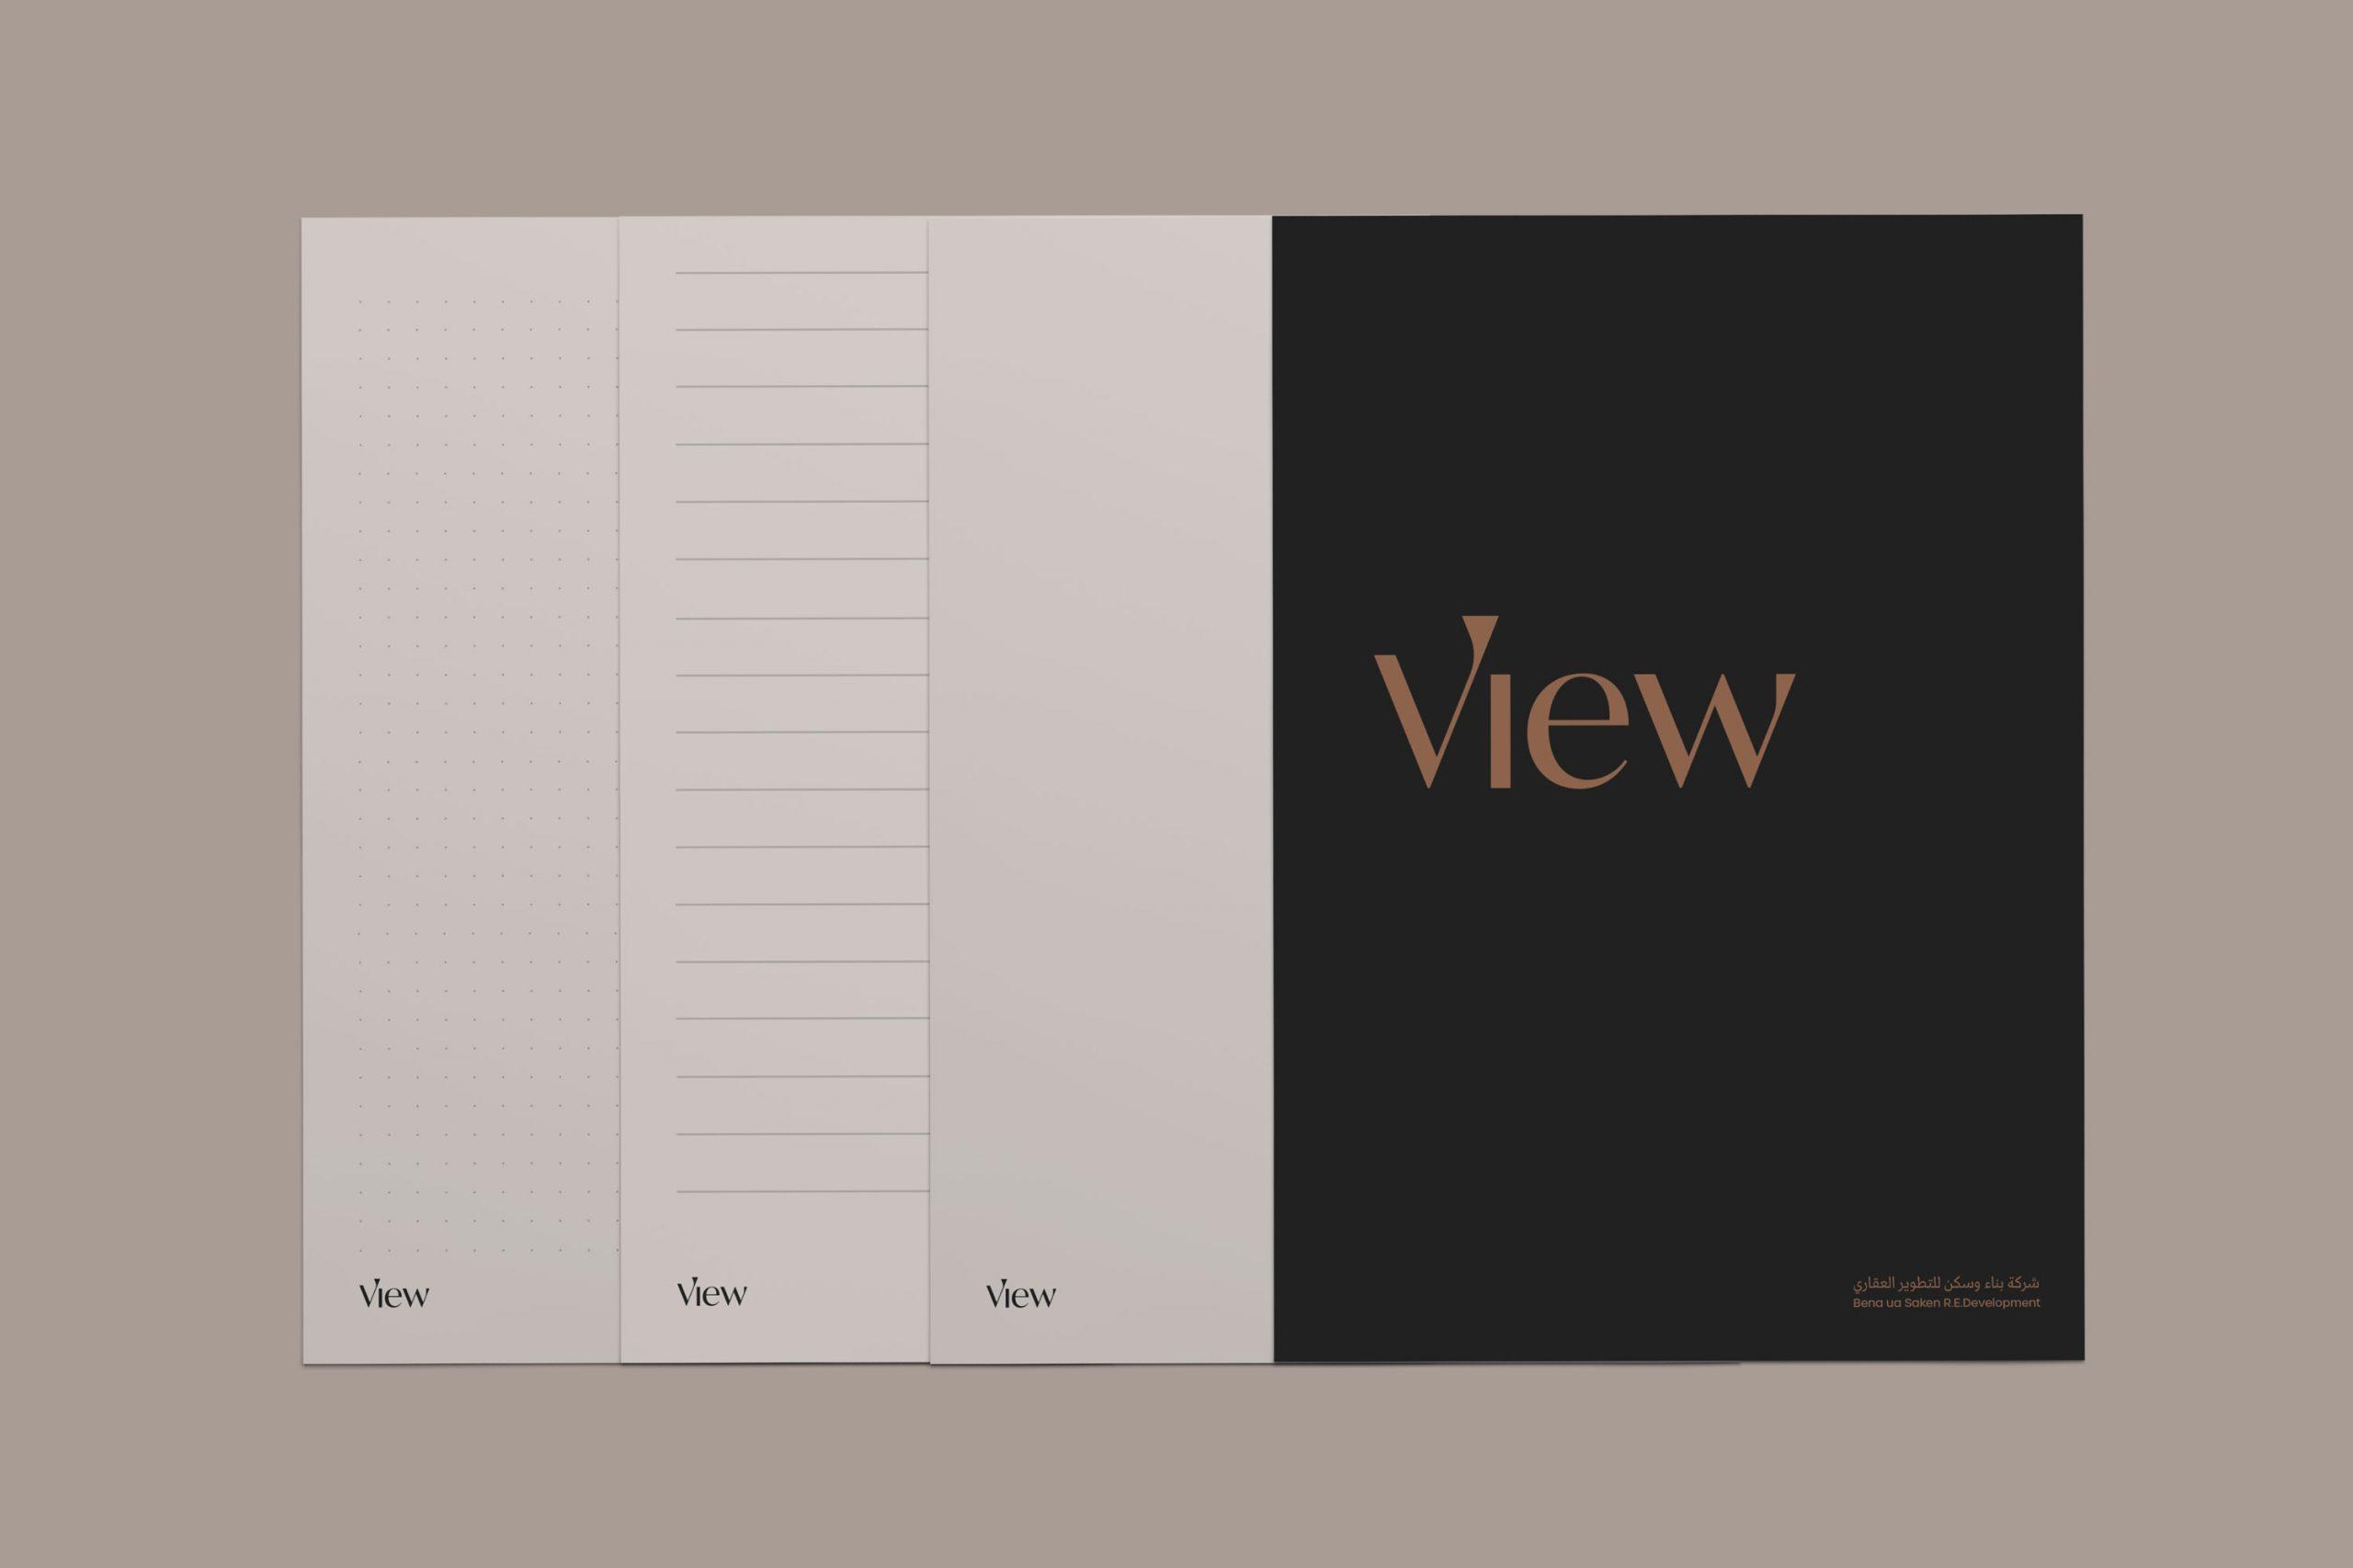 View-LH-Work-by-YaStudio-16